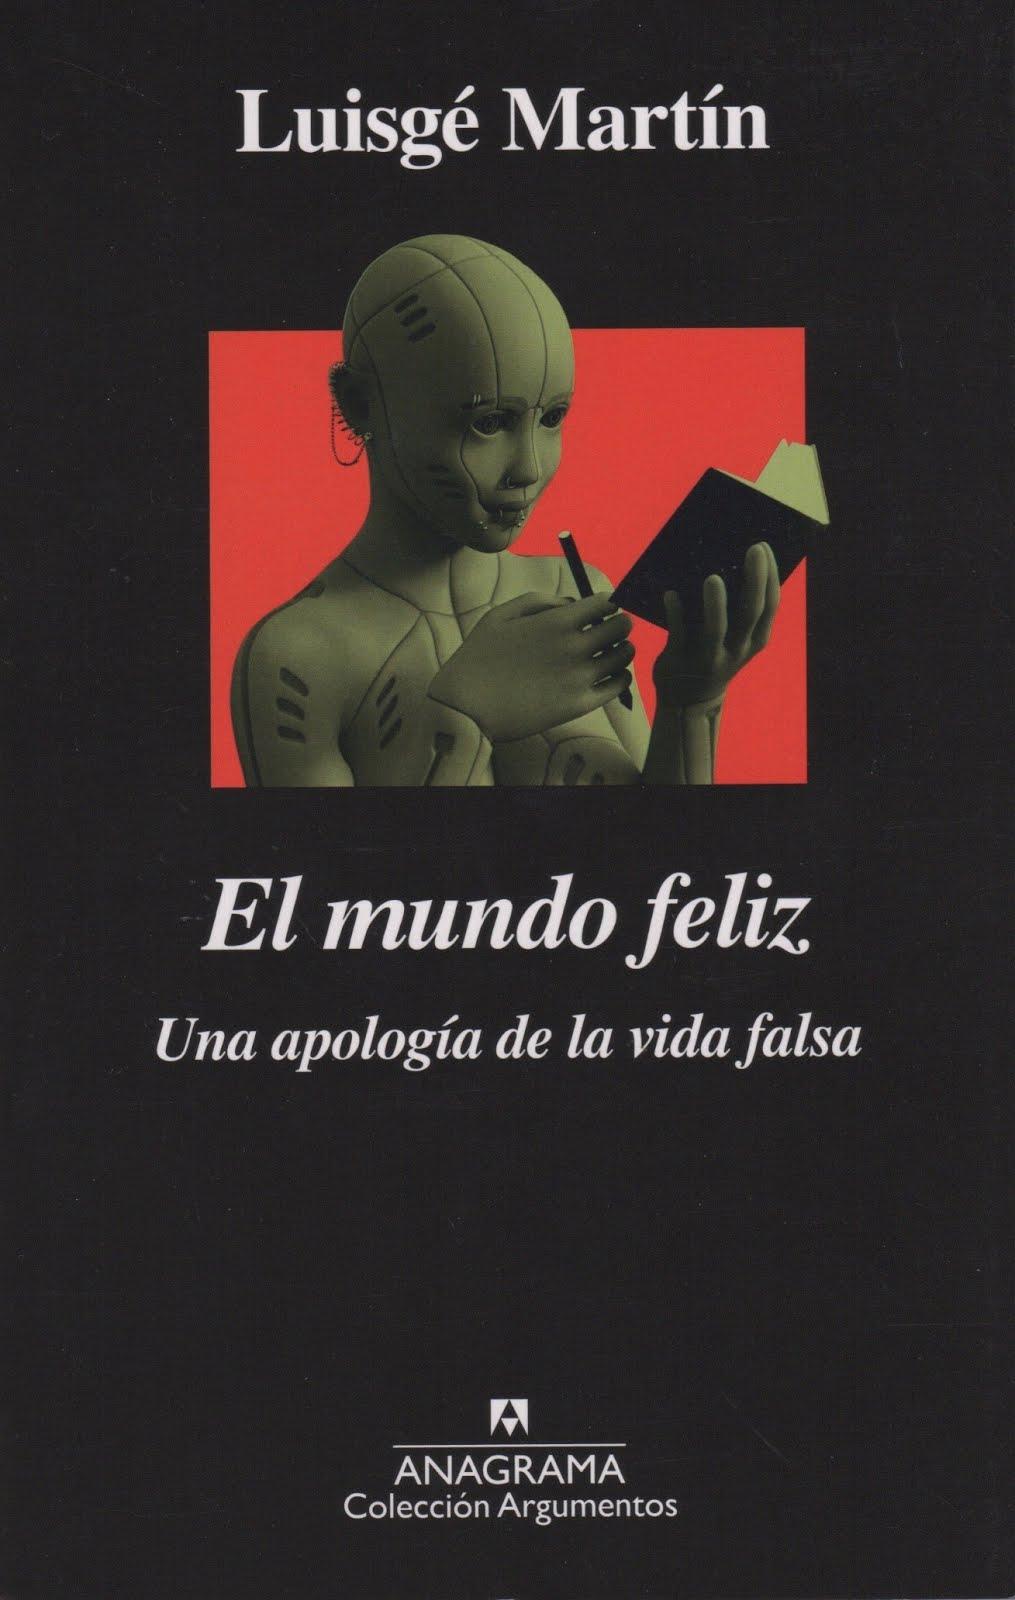 Luisgé Martín (El mundo feliz) Una apología de la vida falsa